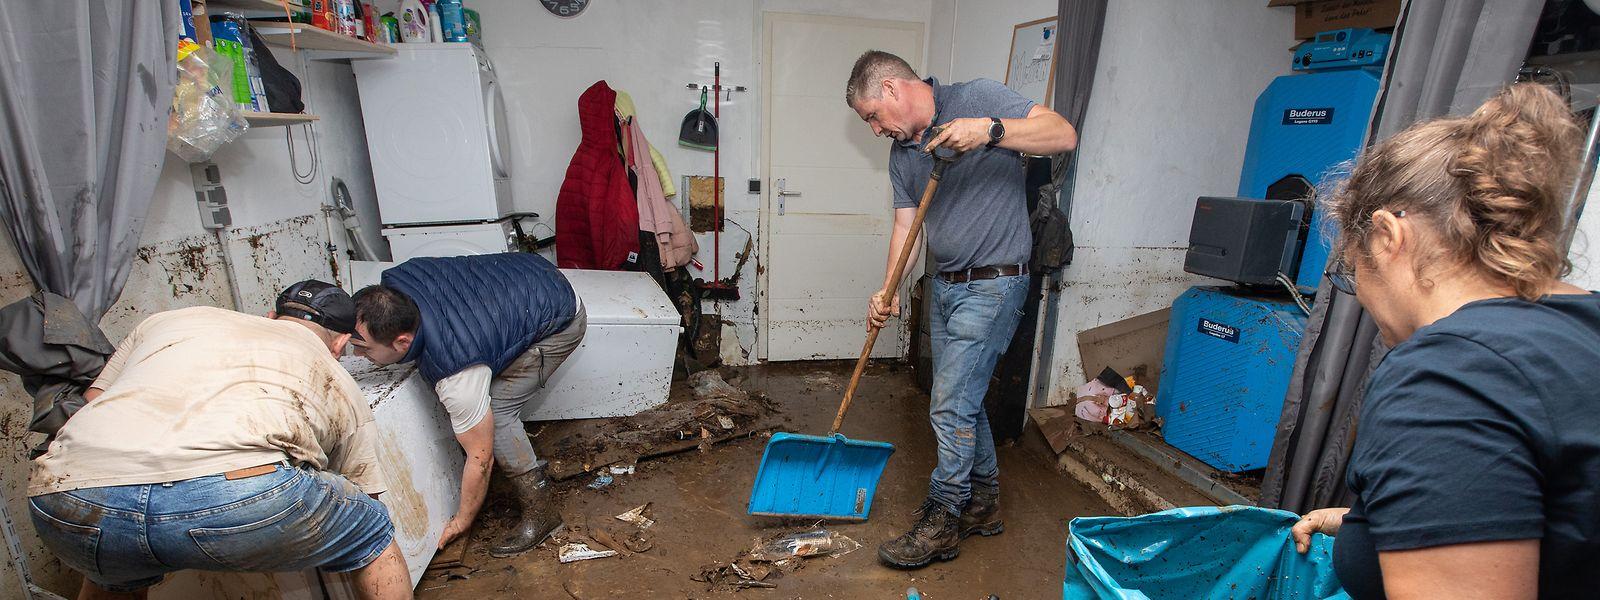 Aufräumarbeiten nach dem Abfließen des Hochwassers in Ernzen.